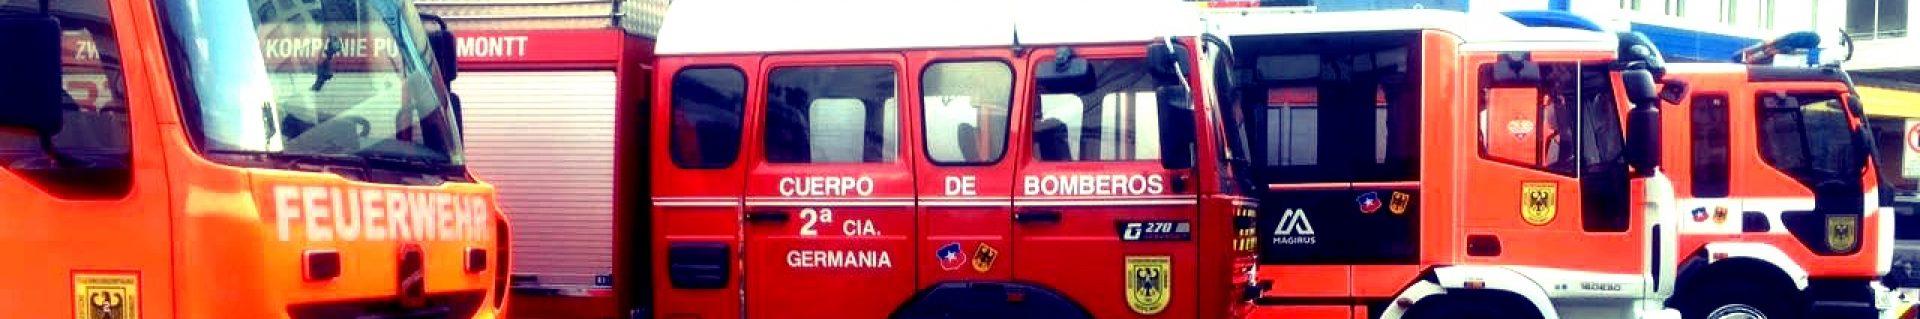 Zweite FeuerwehrKompanie Stadt Puerto Montt